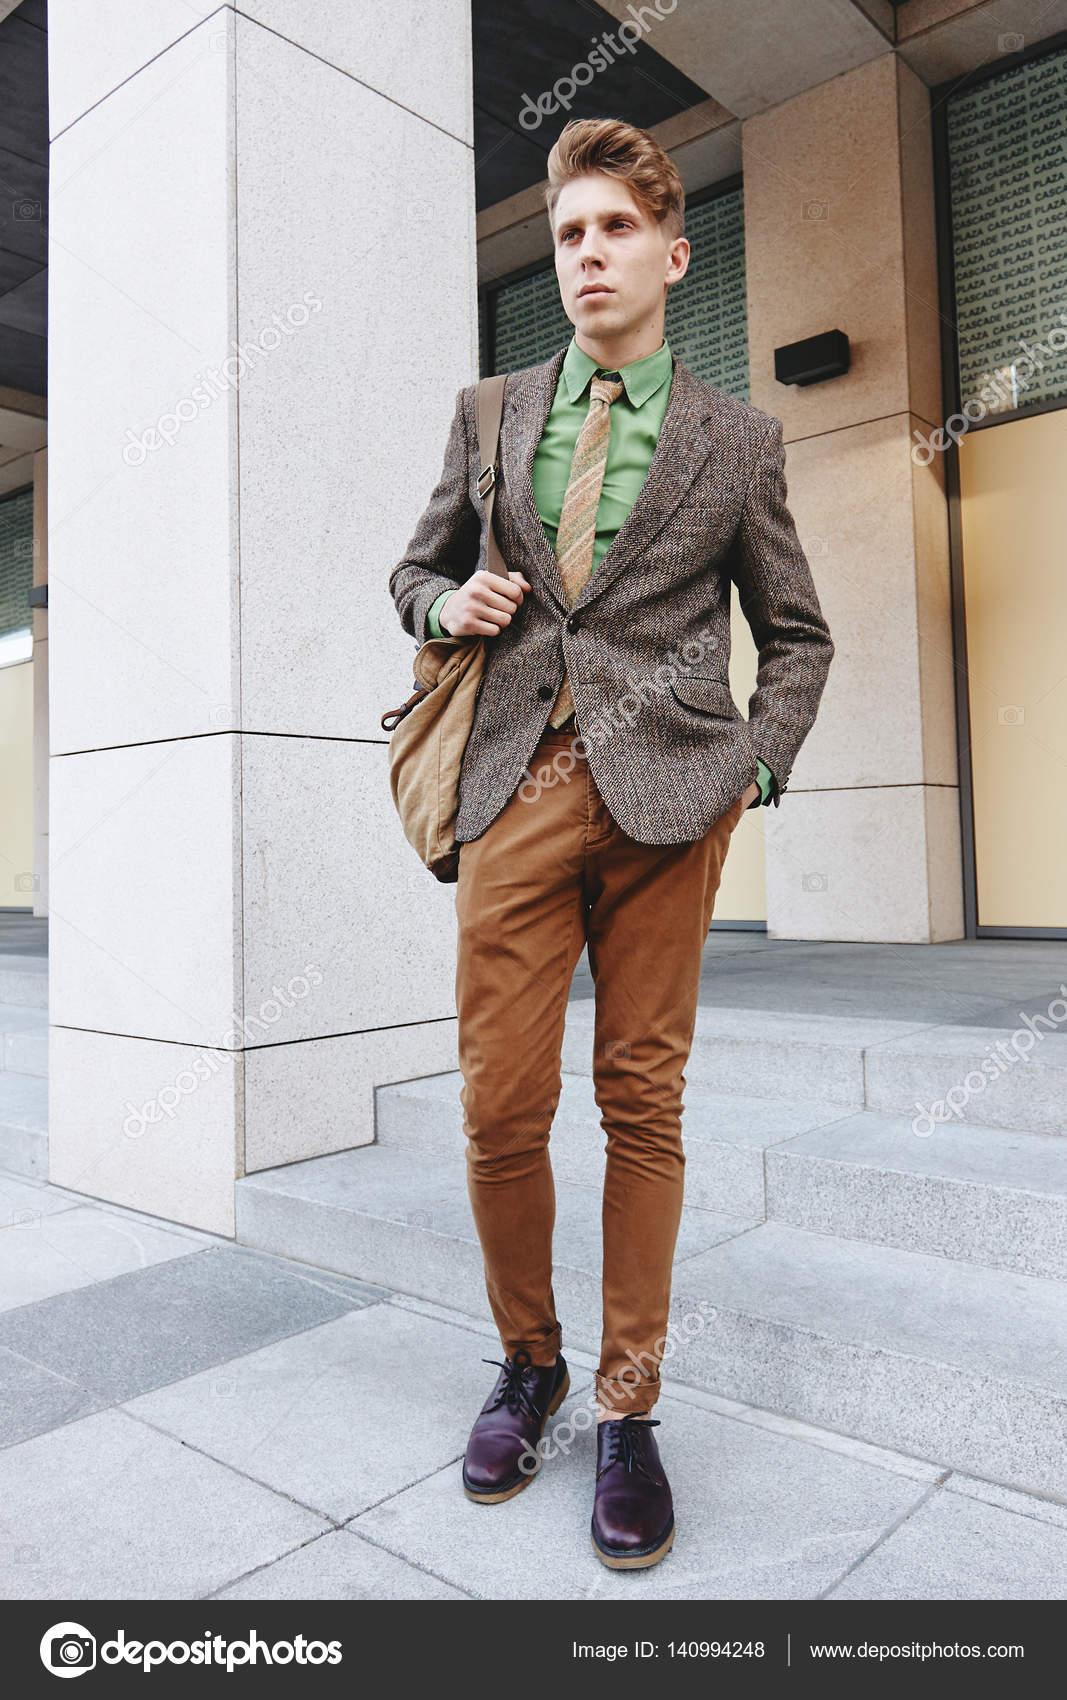 ef203510f Negocios de moda de la calle estilo chico joven informal — Foto de Stock